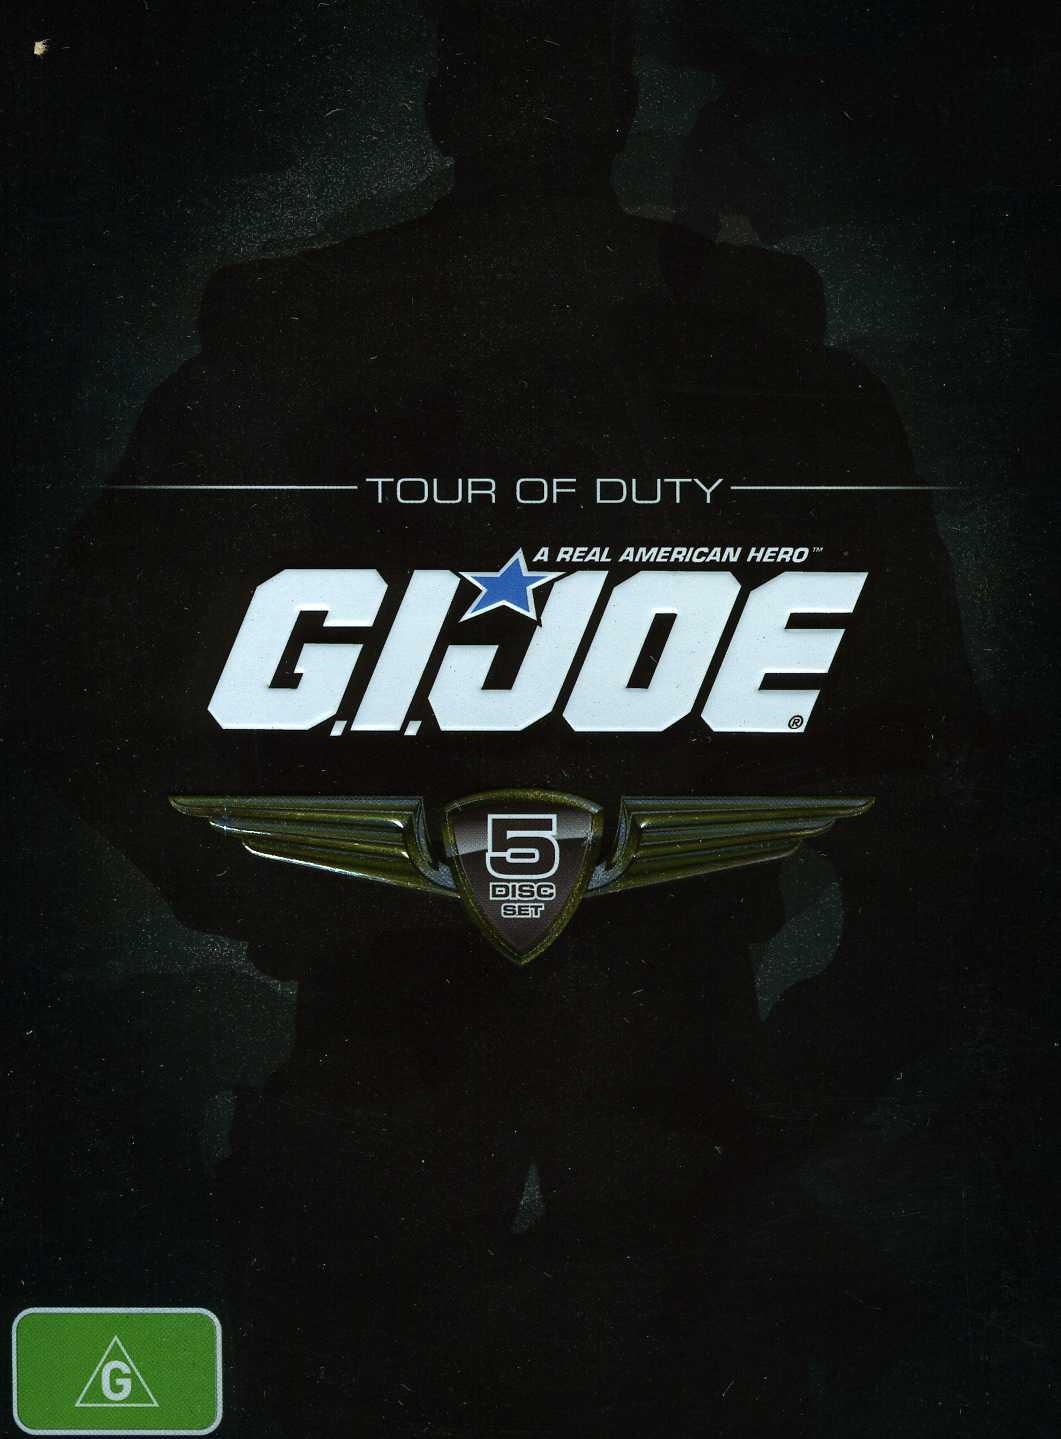 GI JOE TOUR OF DUTY COLLECTION